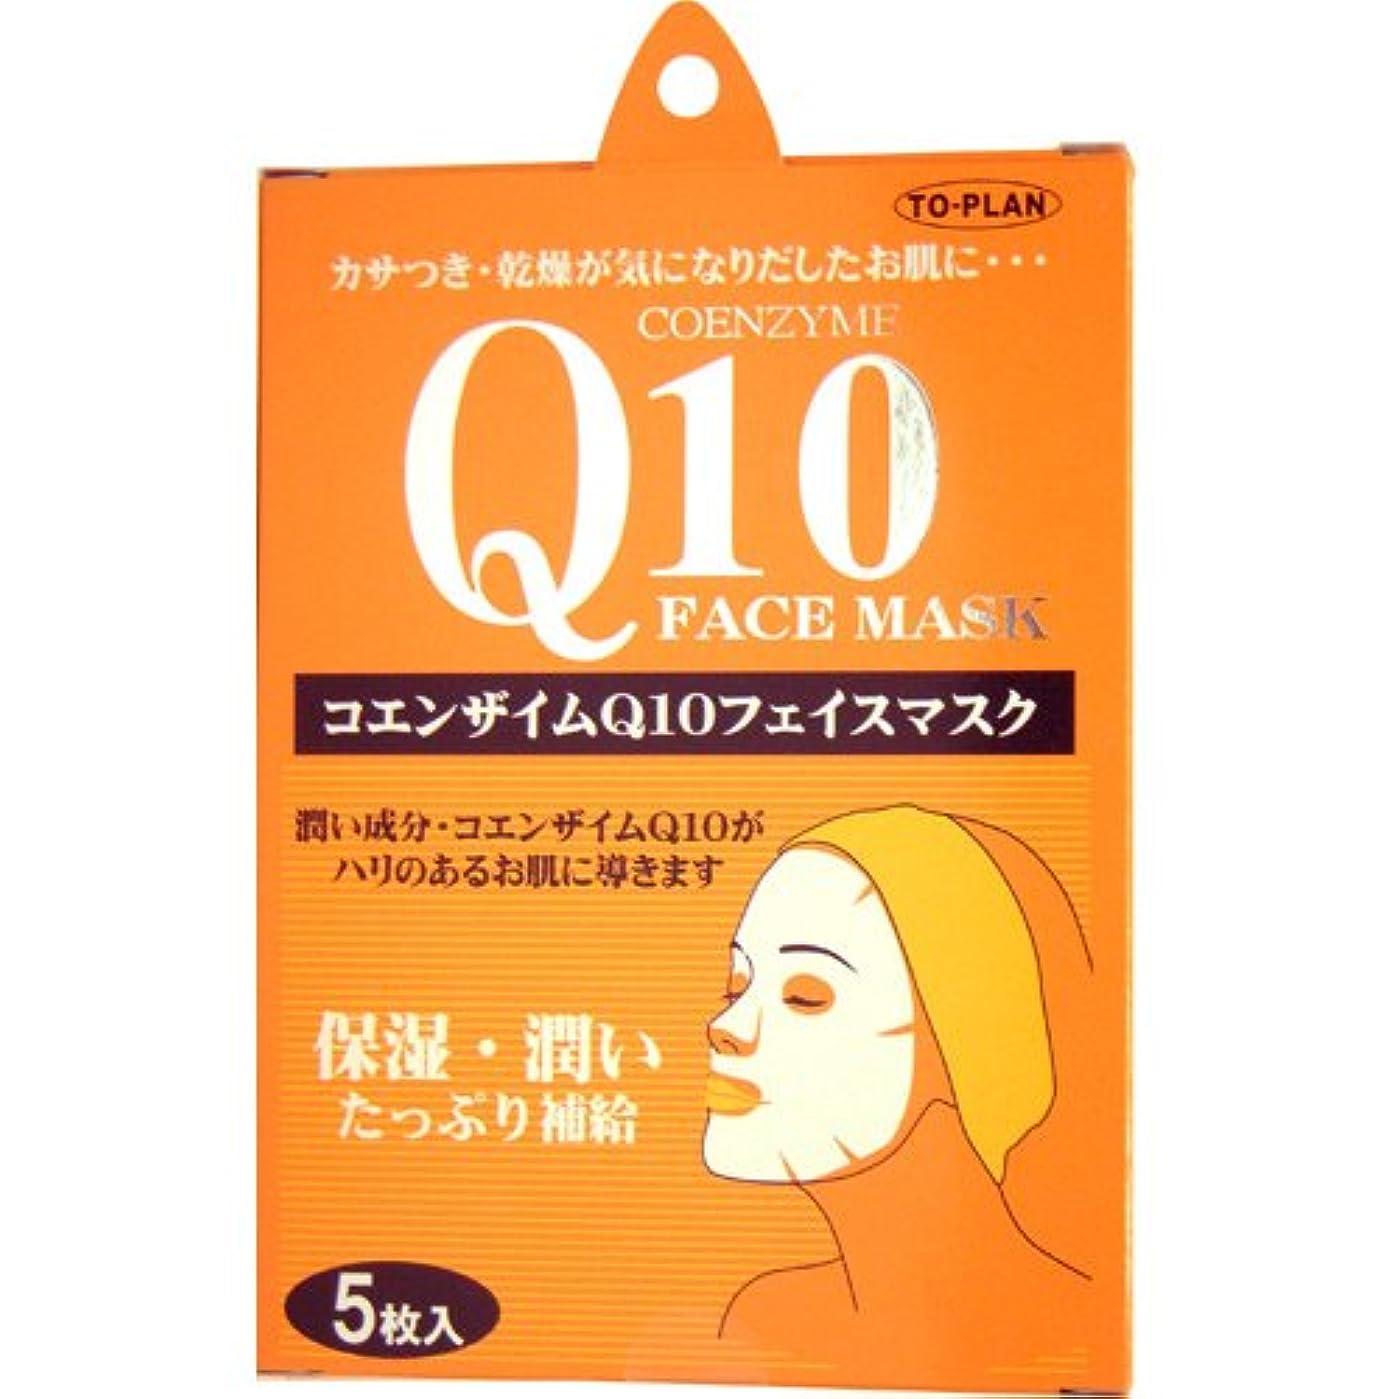 単調な十二建設TO-PLAN(トプラン) コエンザイムQ10フェイスマスク10枚入